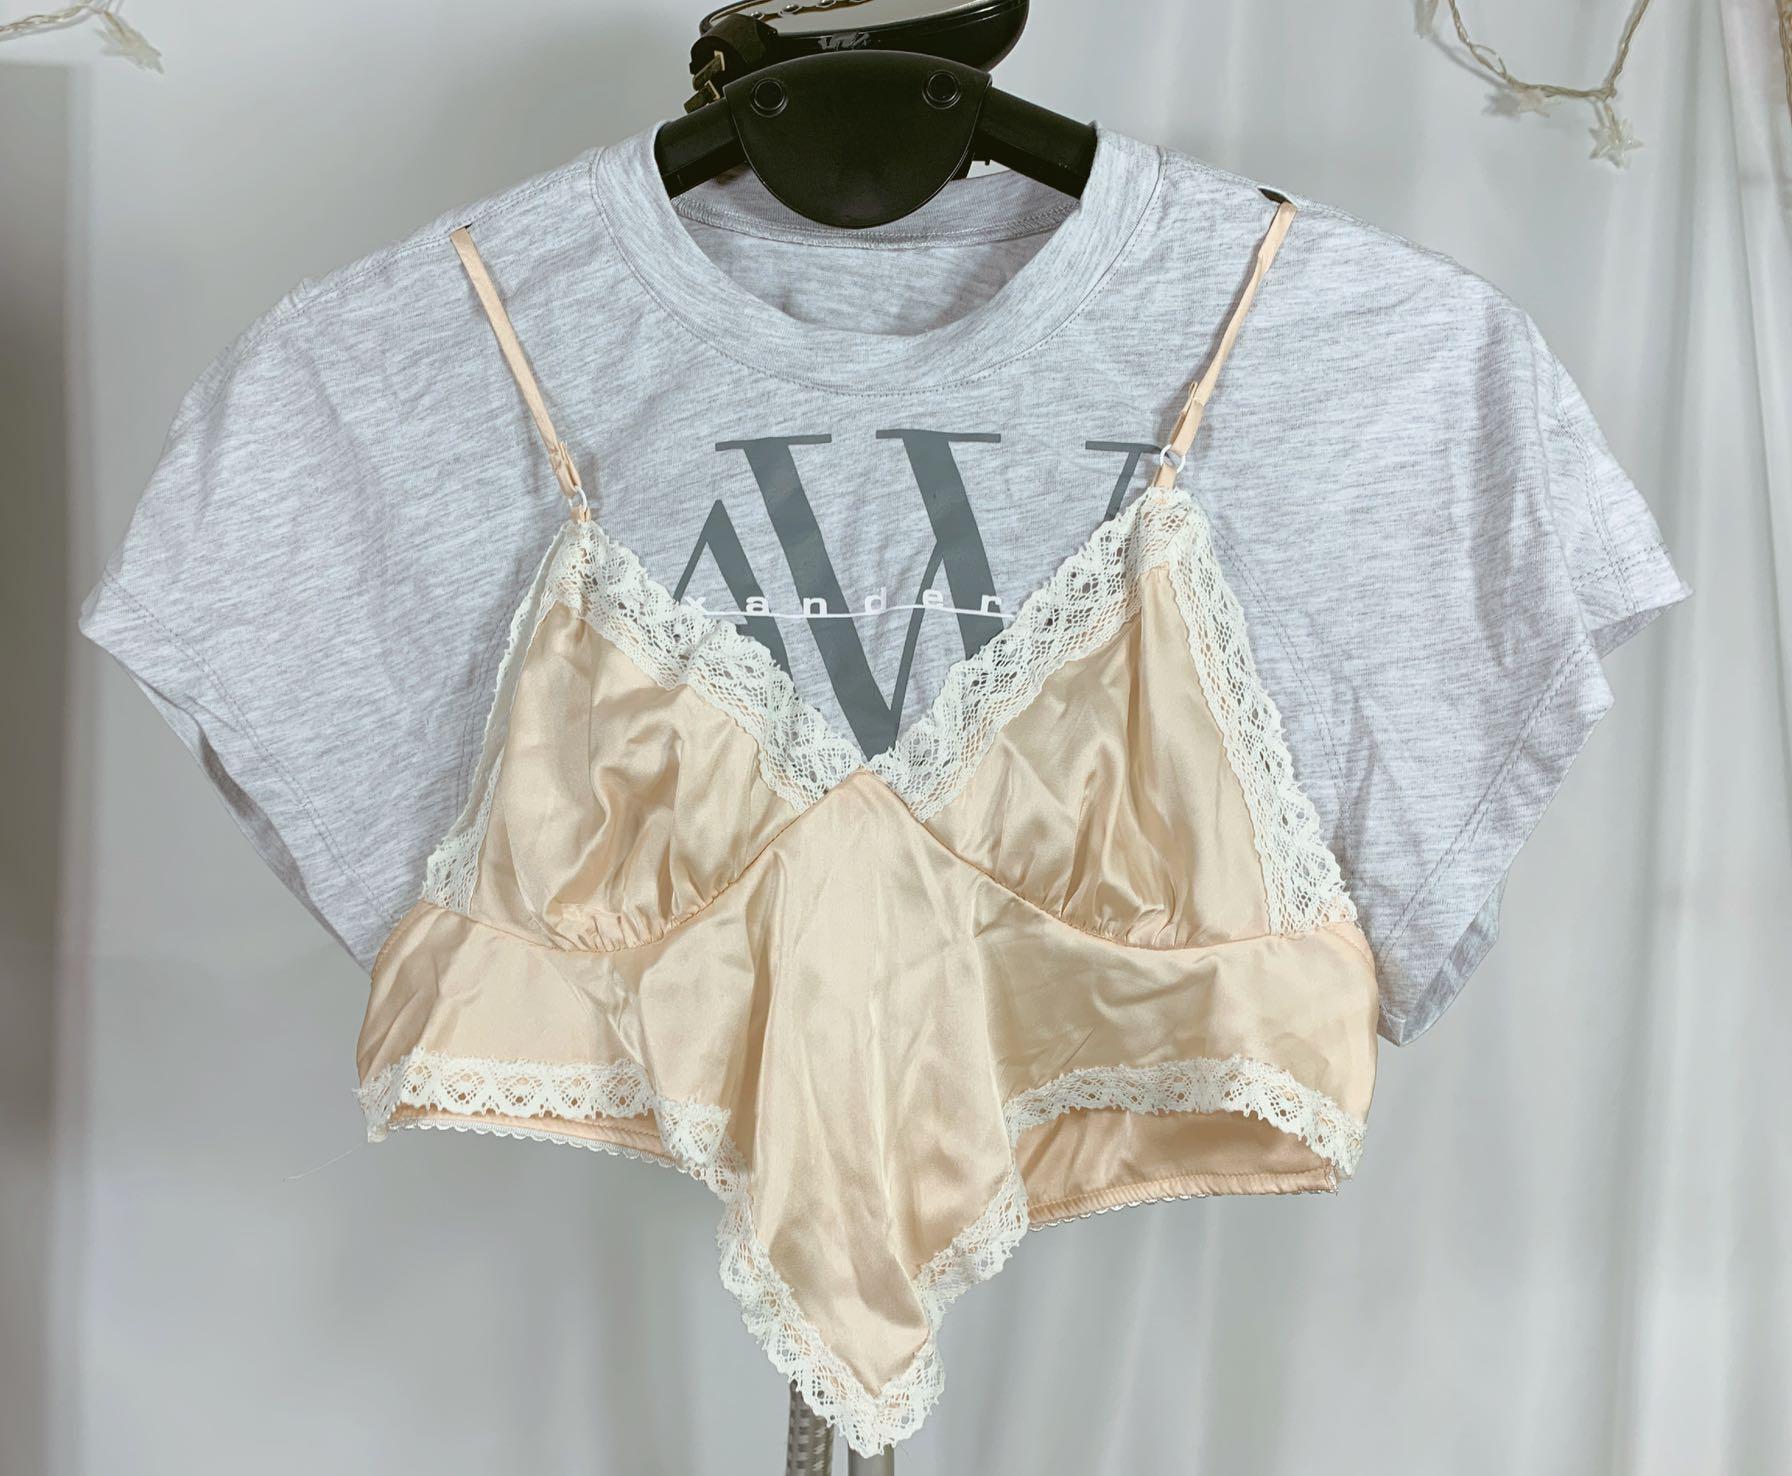 2020夏季新款 AW大王 纯棉T恤拼接蕾丝花边吊带 假两件 短上衣T恤